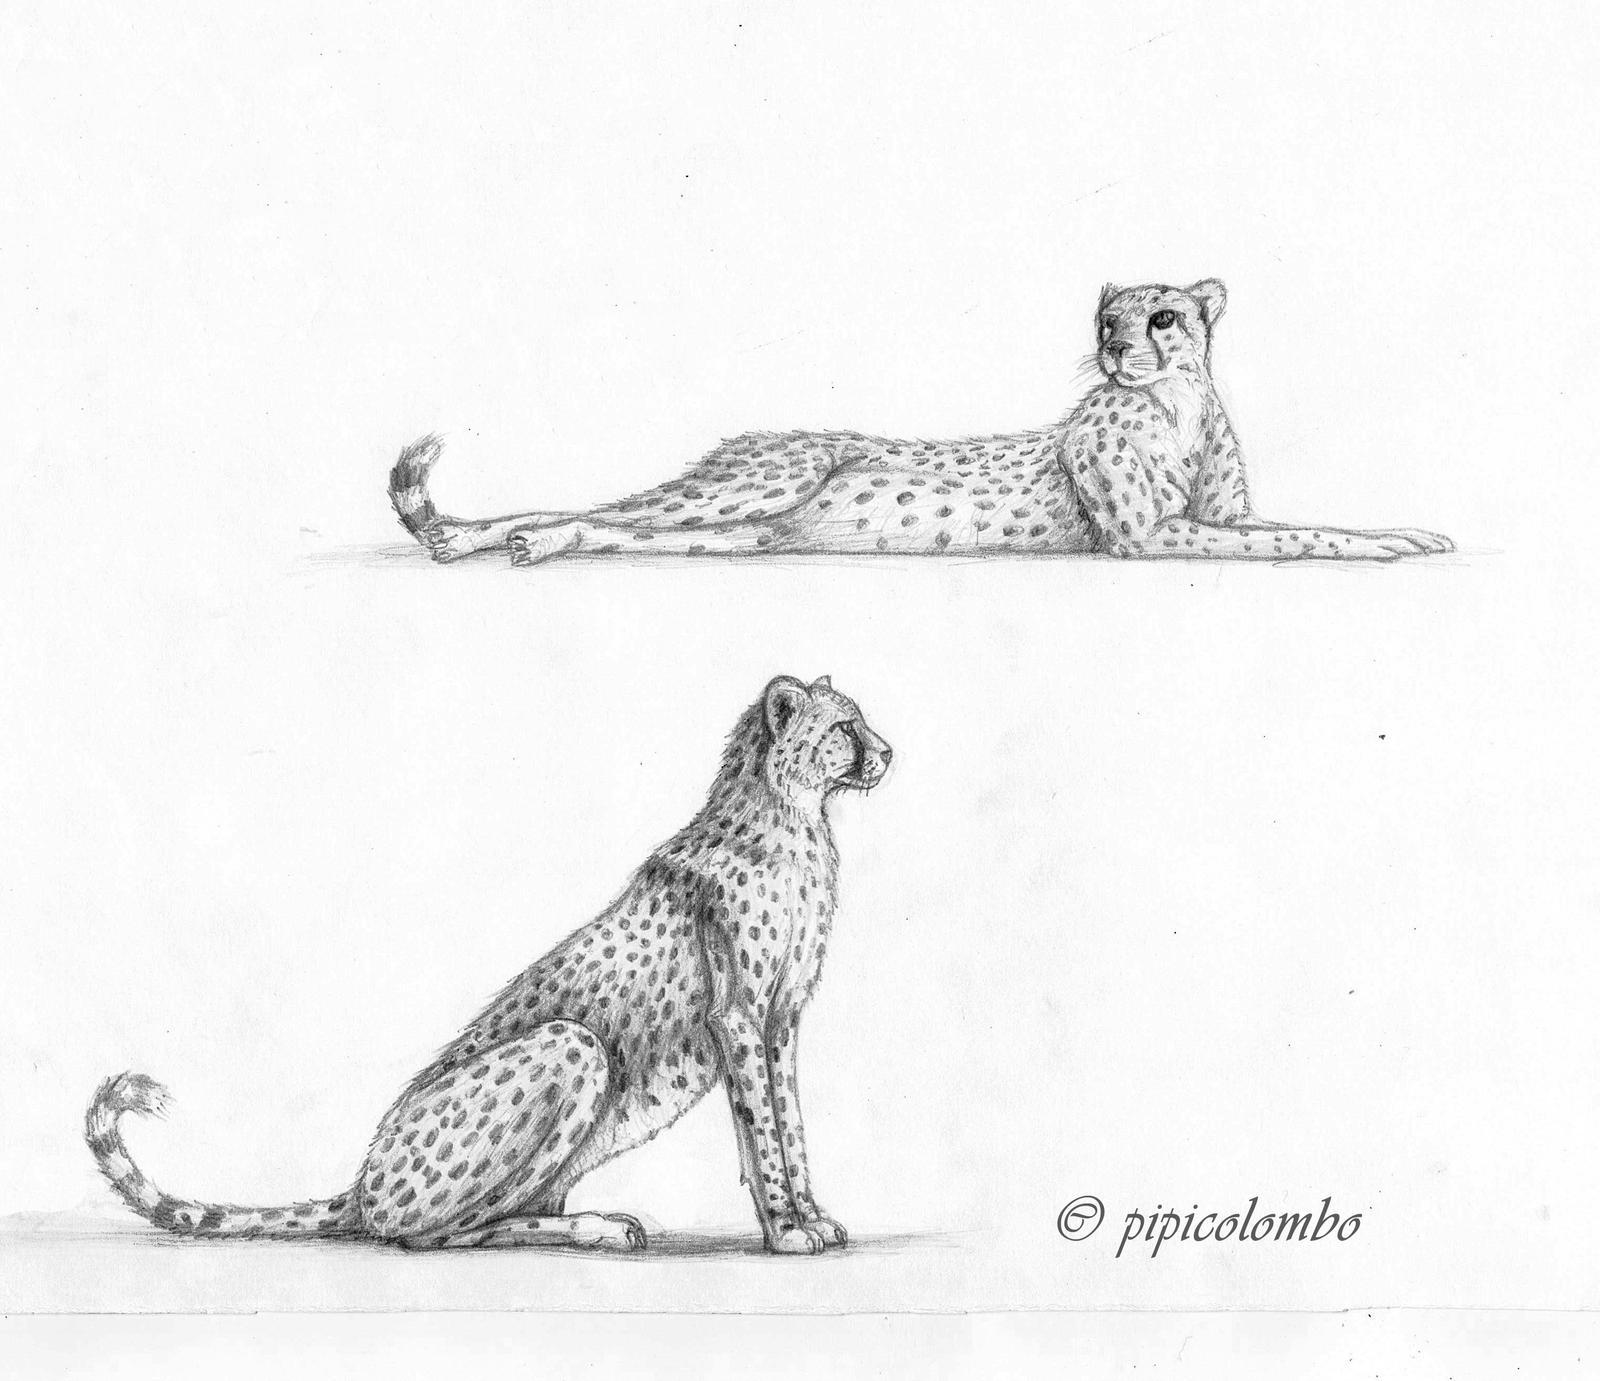 Cheetah sketches by Giganotosaur on DeviantArt